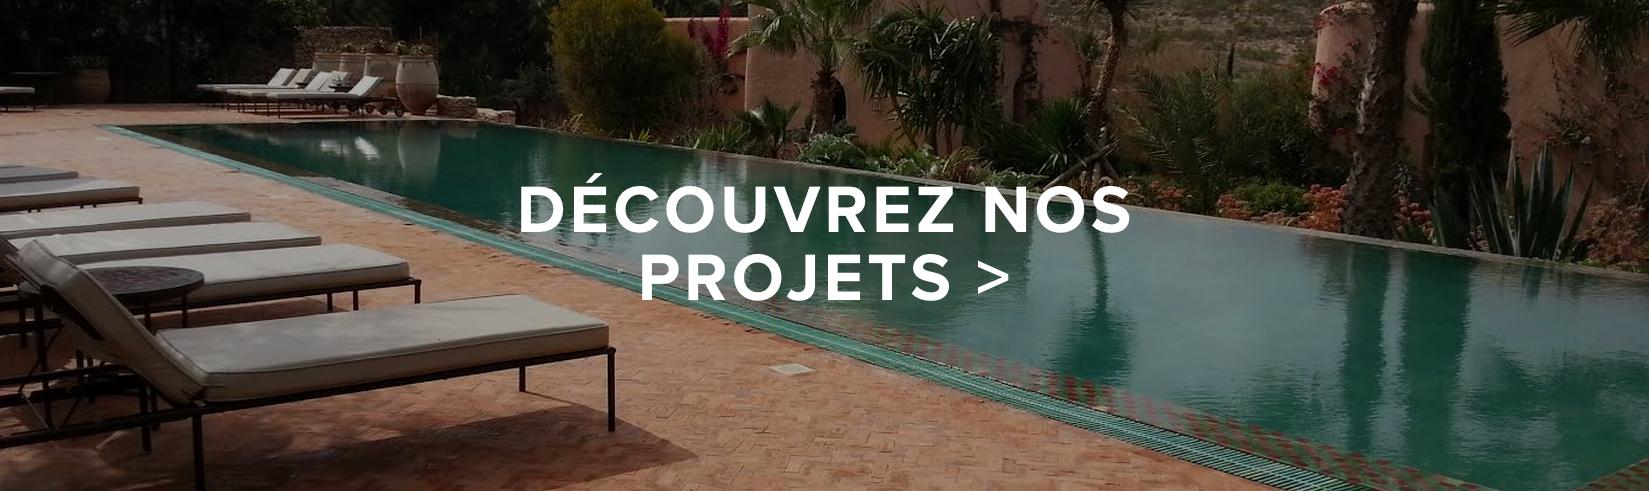 Nos projets - Econosol Maroc, Économiseur d'énergie